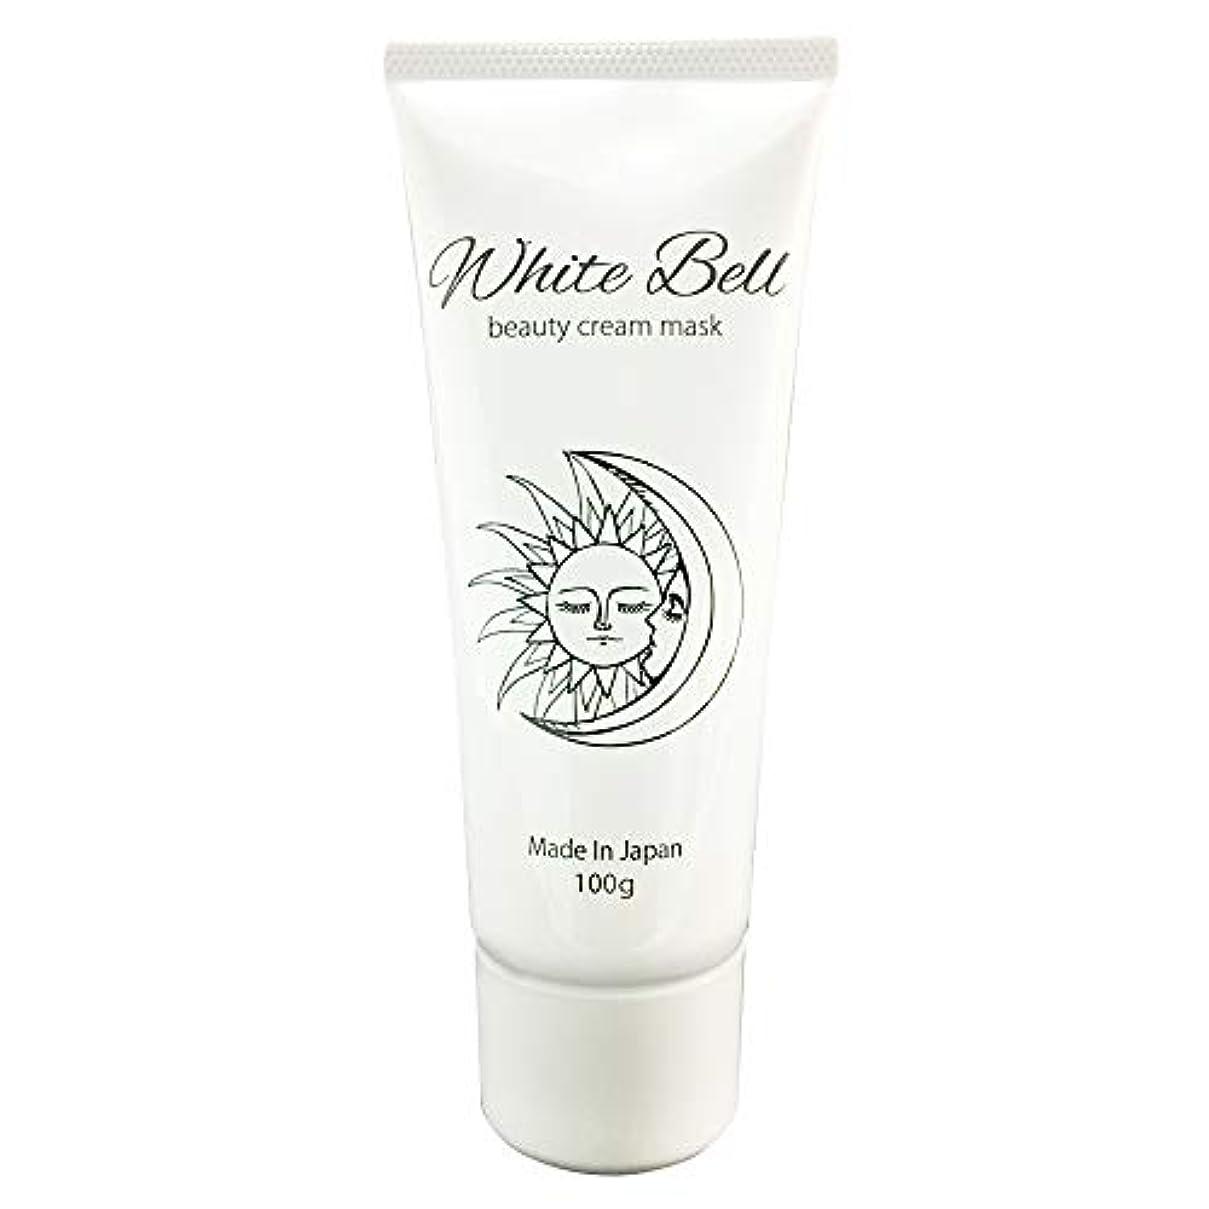 禁輸スリーブに対してホワイトベル ビューティークリームマスク White-Bell beauty cream mask ナイトクリーム オールインワン